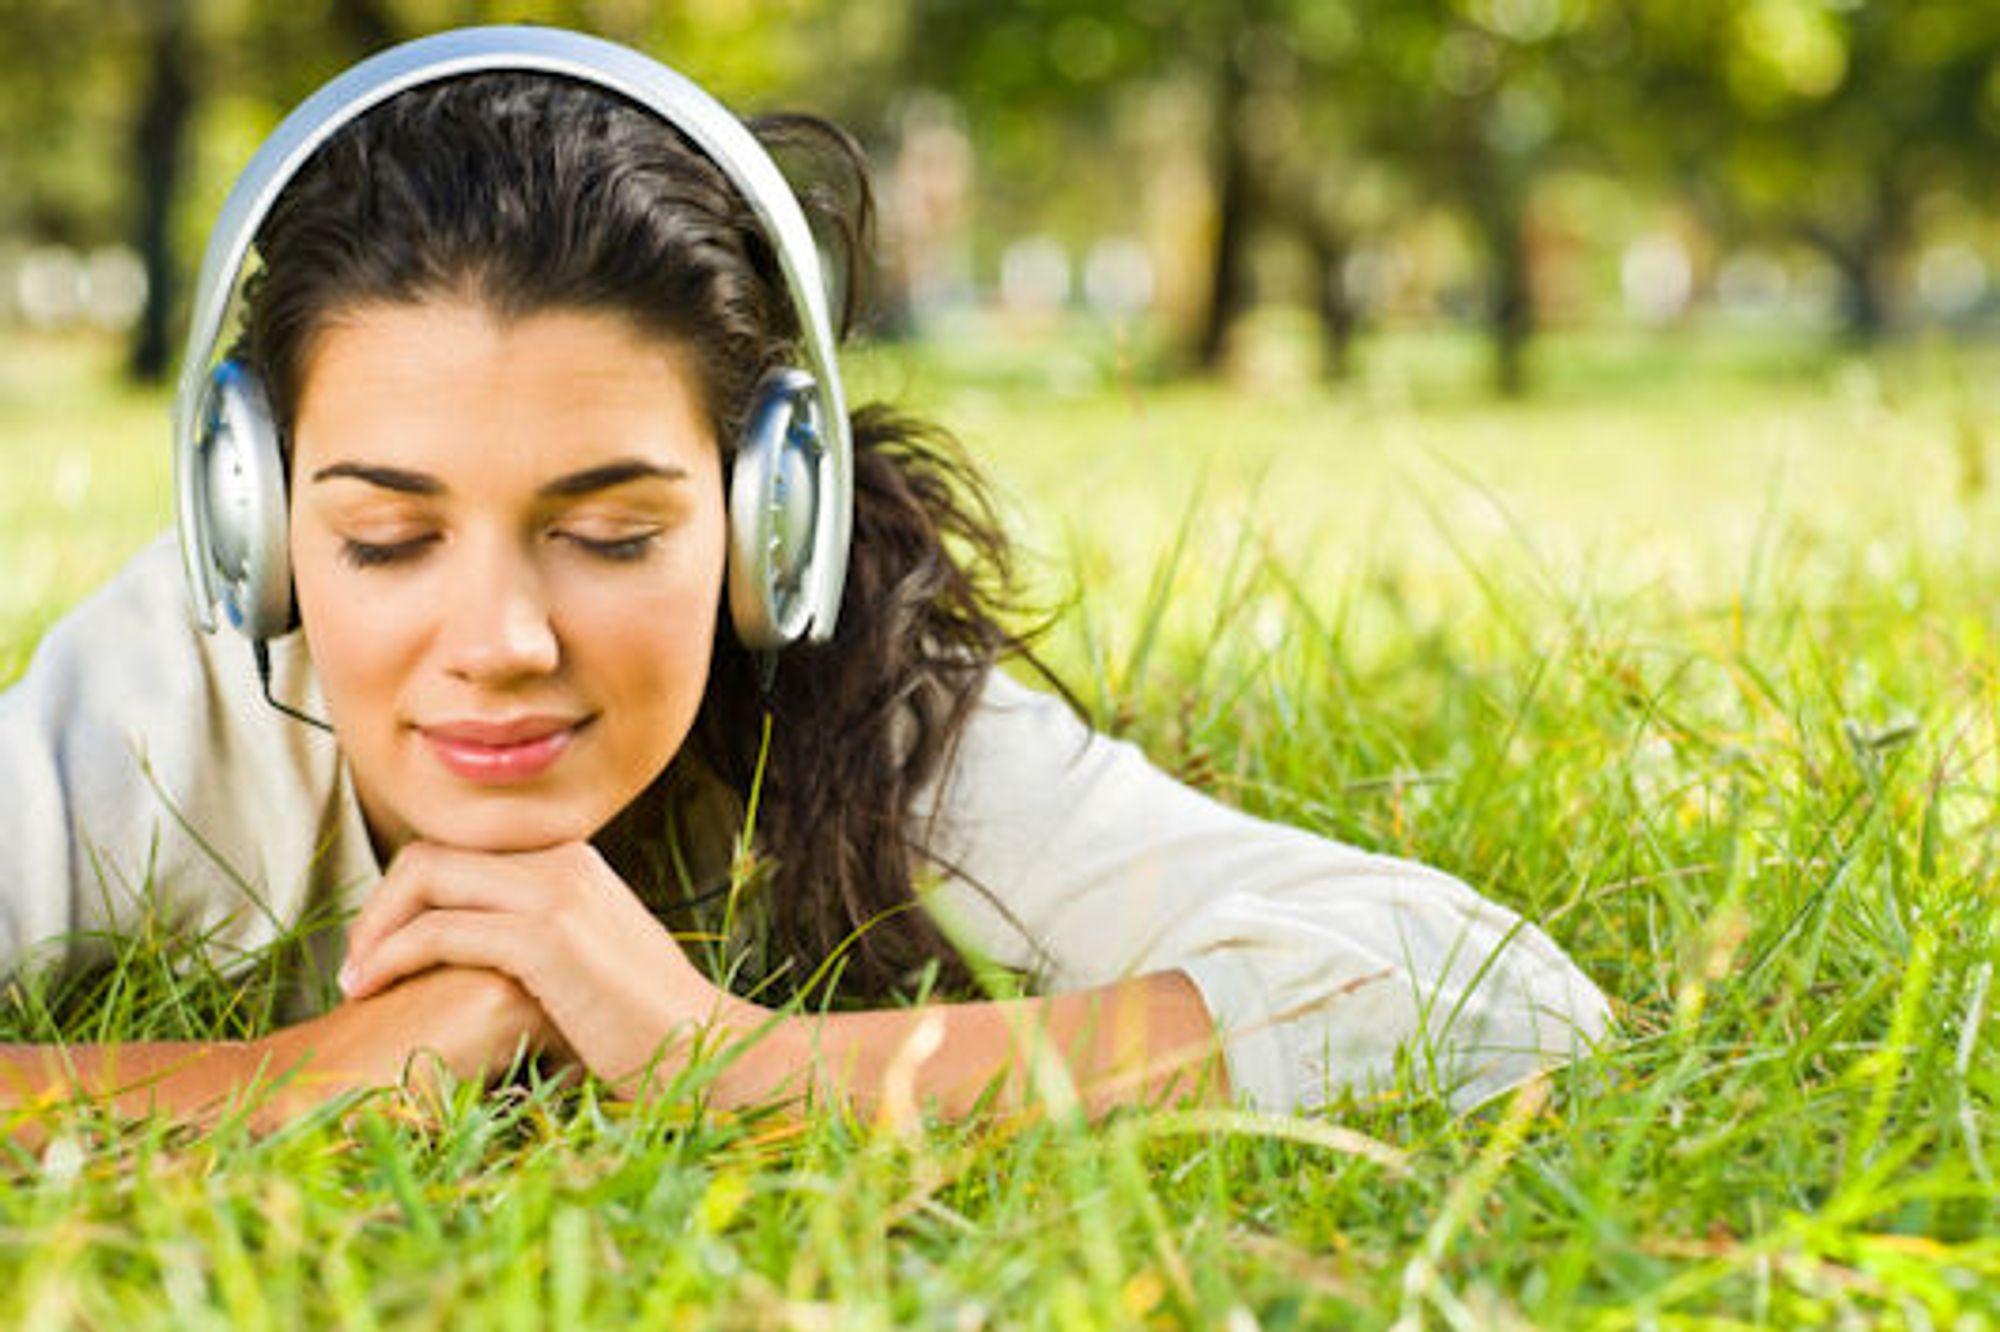 laste ned musikk fra spotify dildo